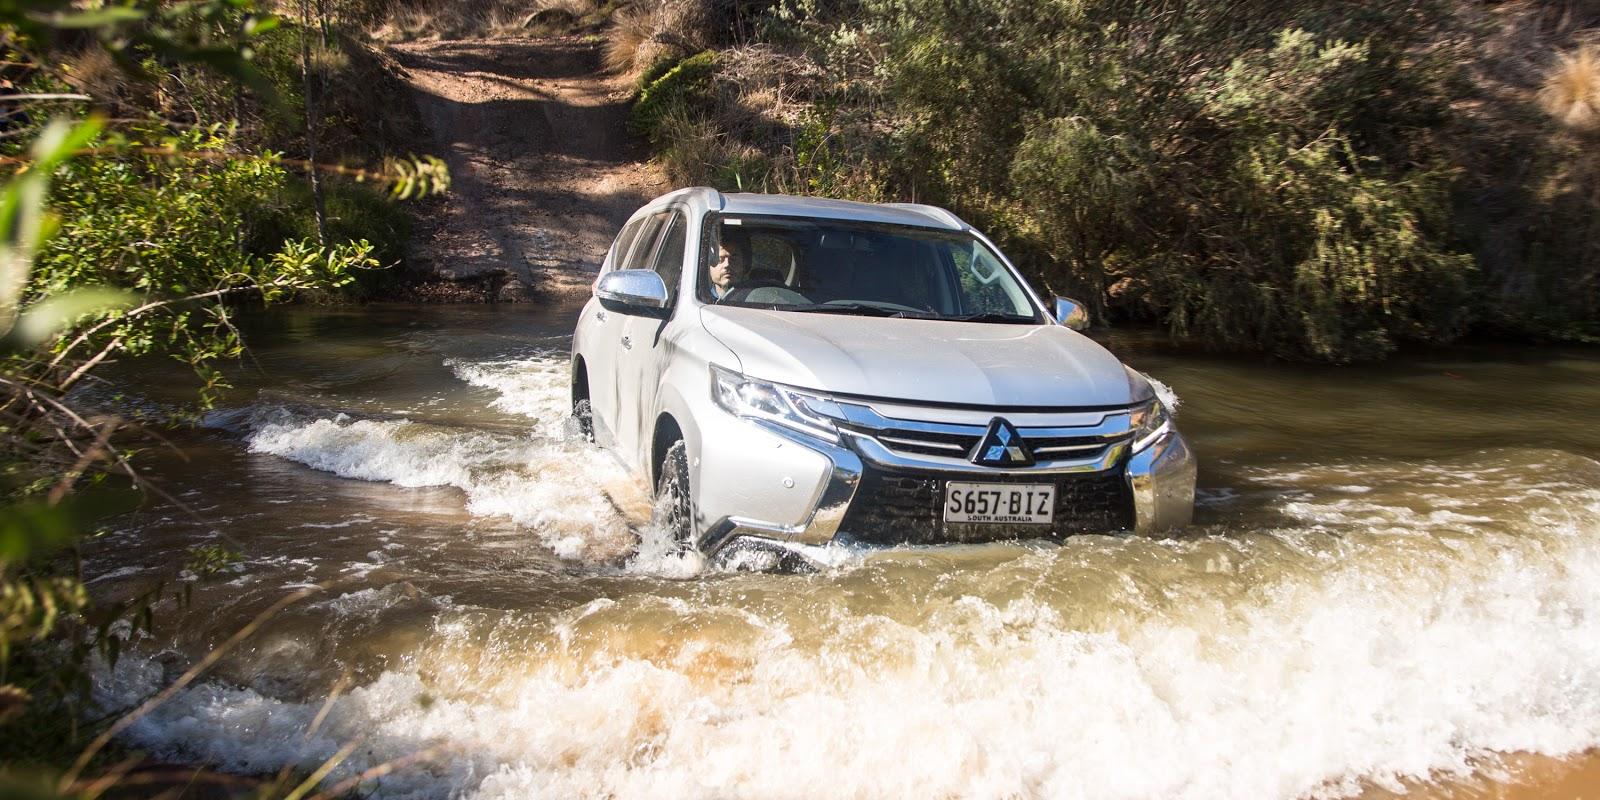 Lội nước, địa hình, sìn lầy, tuyết rơi quá đơn giản với Pajero Sport mới